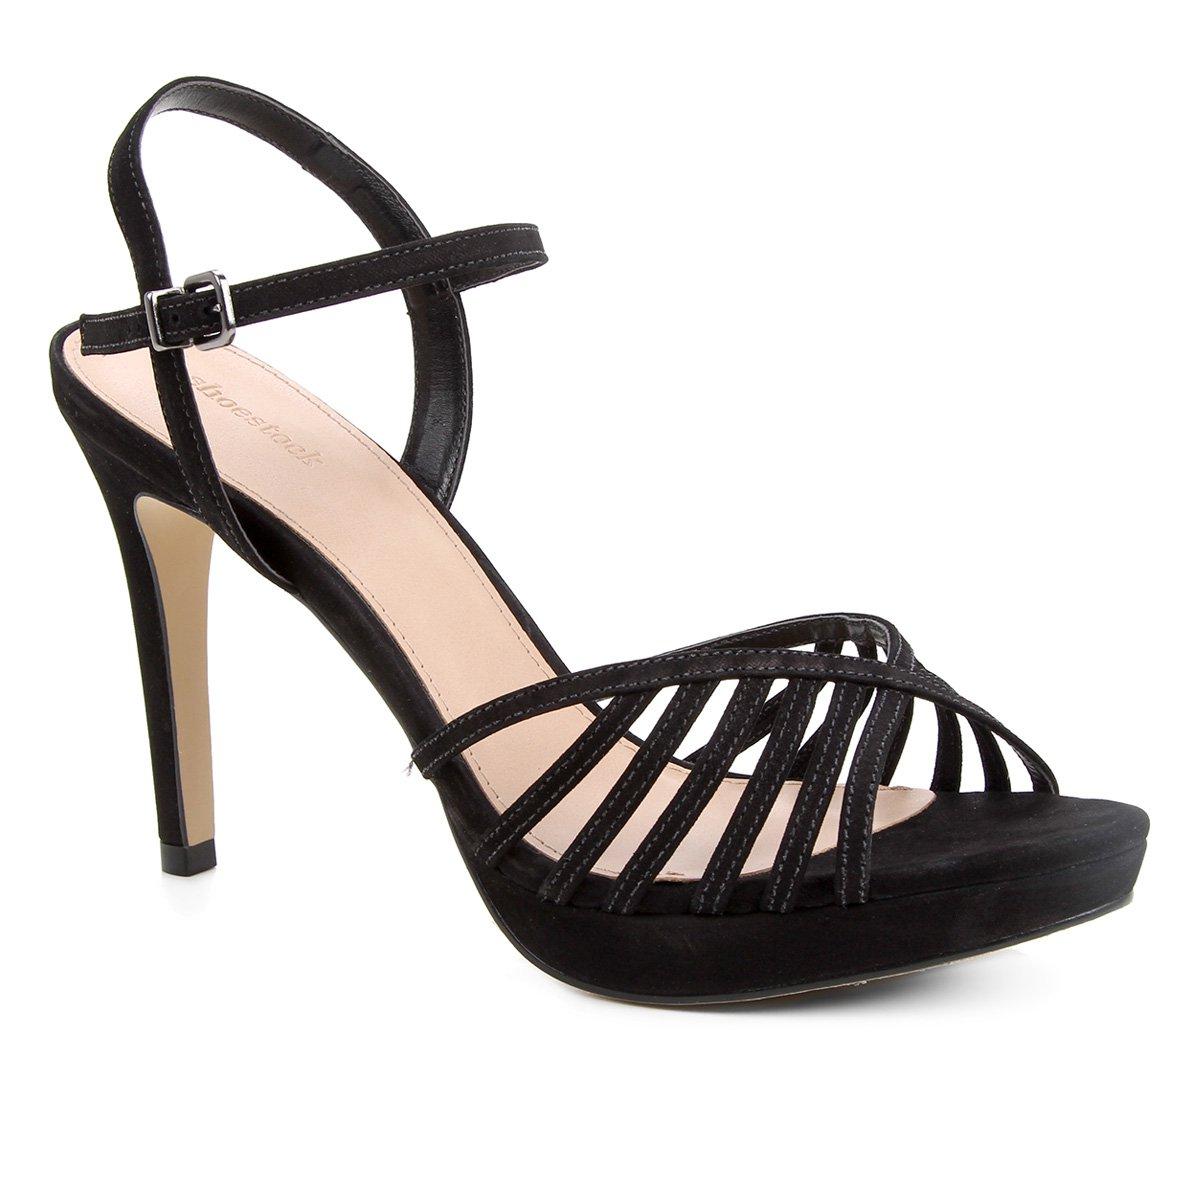 Sandália Couro Shoestock Meia Pata Salto Alto Feminina